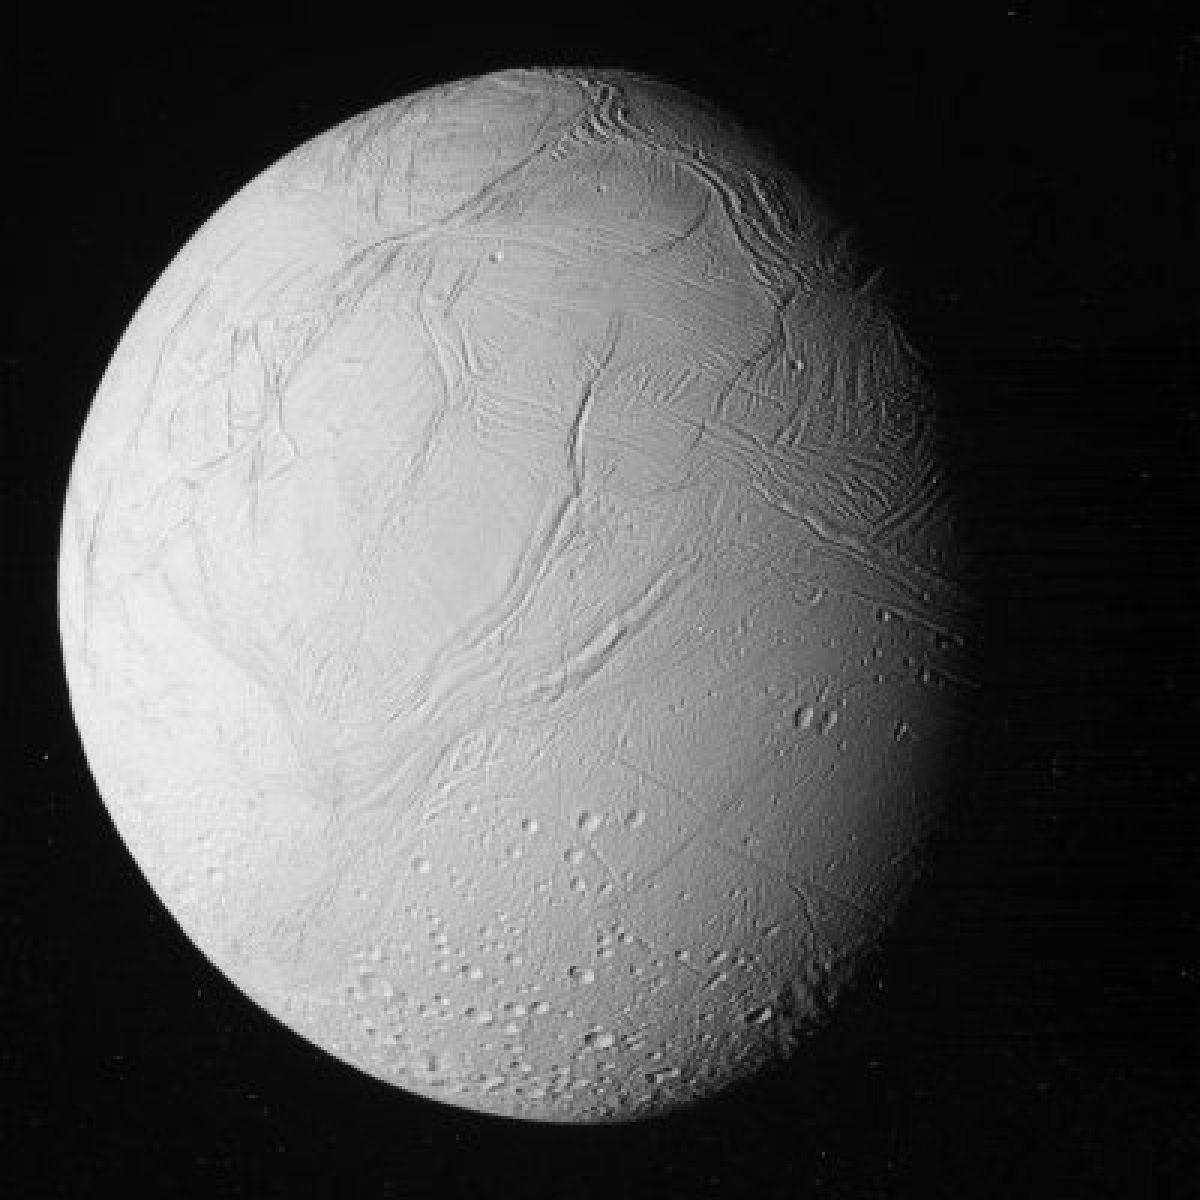 Фото Энцелада, произведенные «Кассини» во время последнего сближения со спутником Сатурна